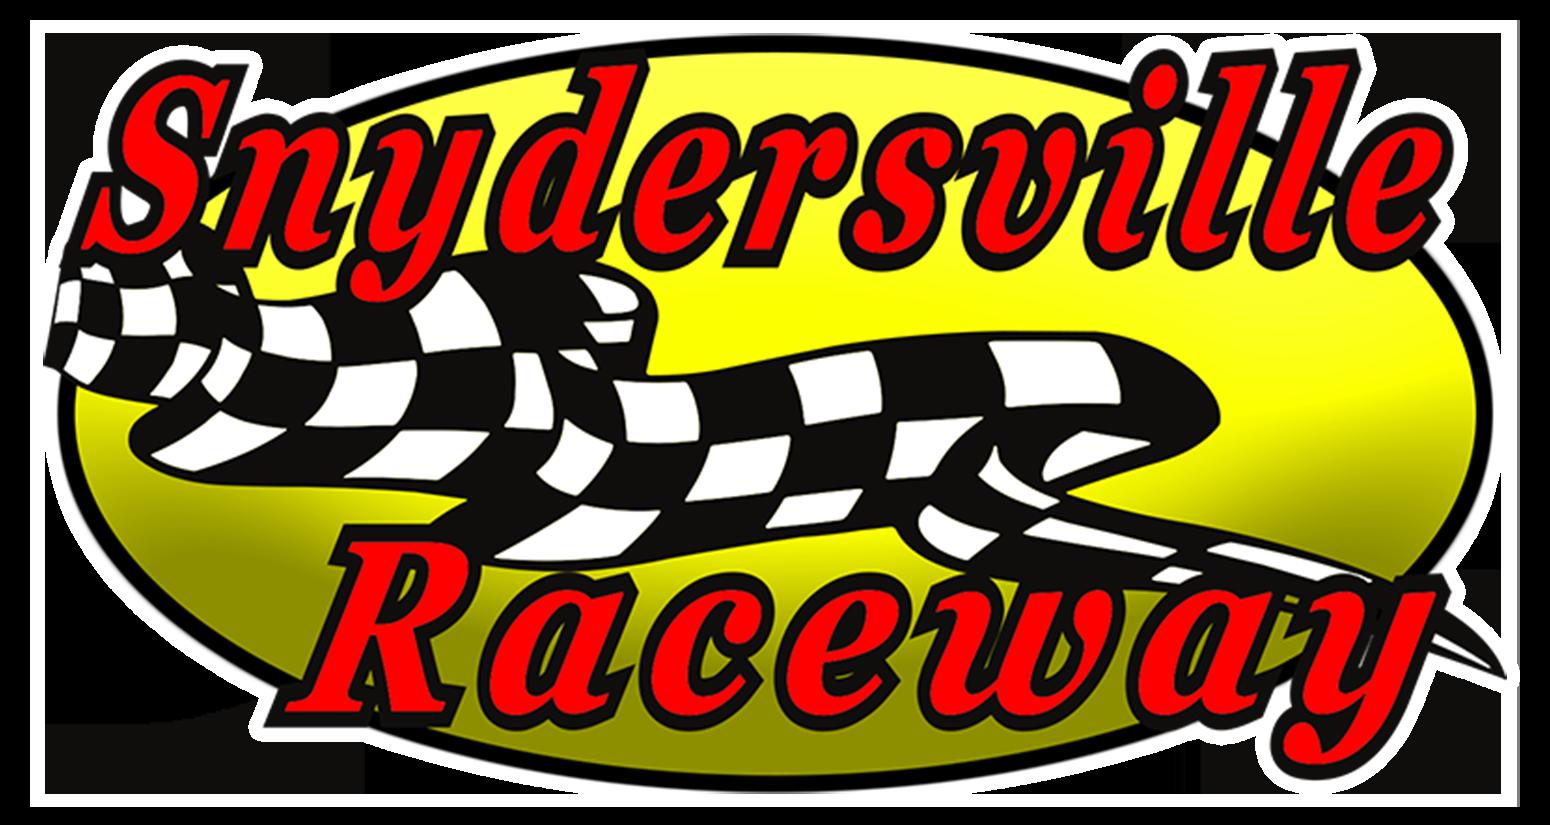 FAQ | Snydersville Raceway